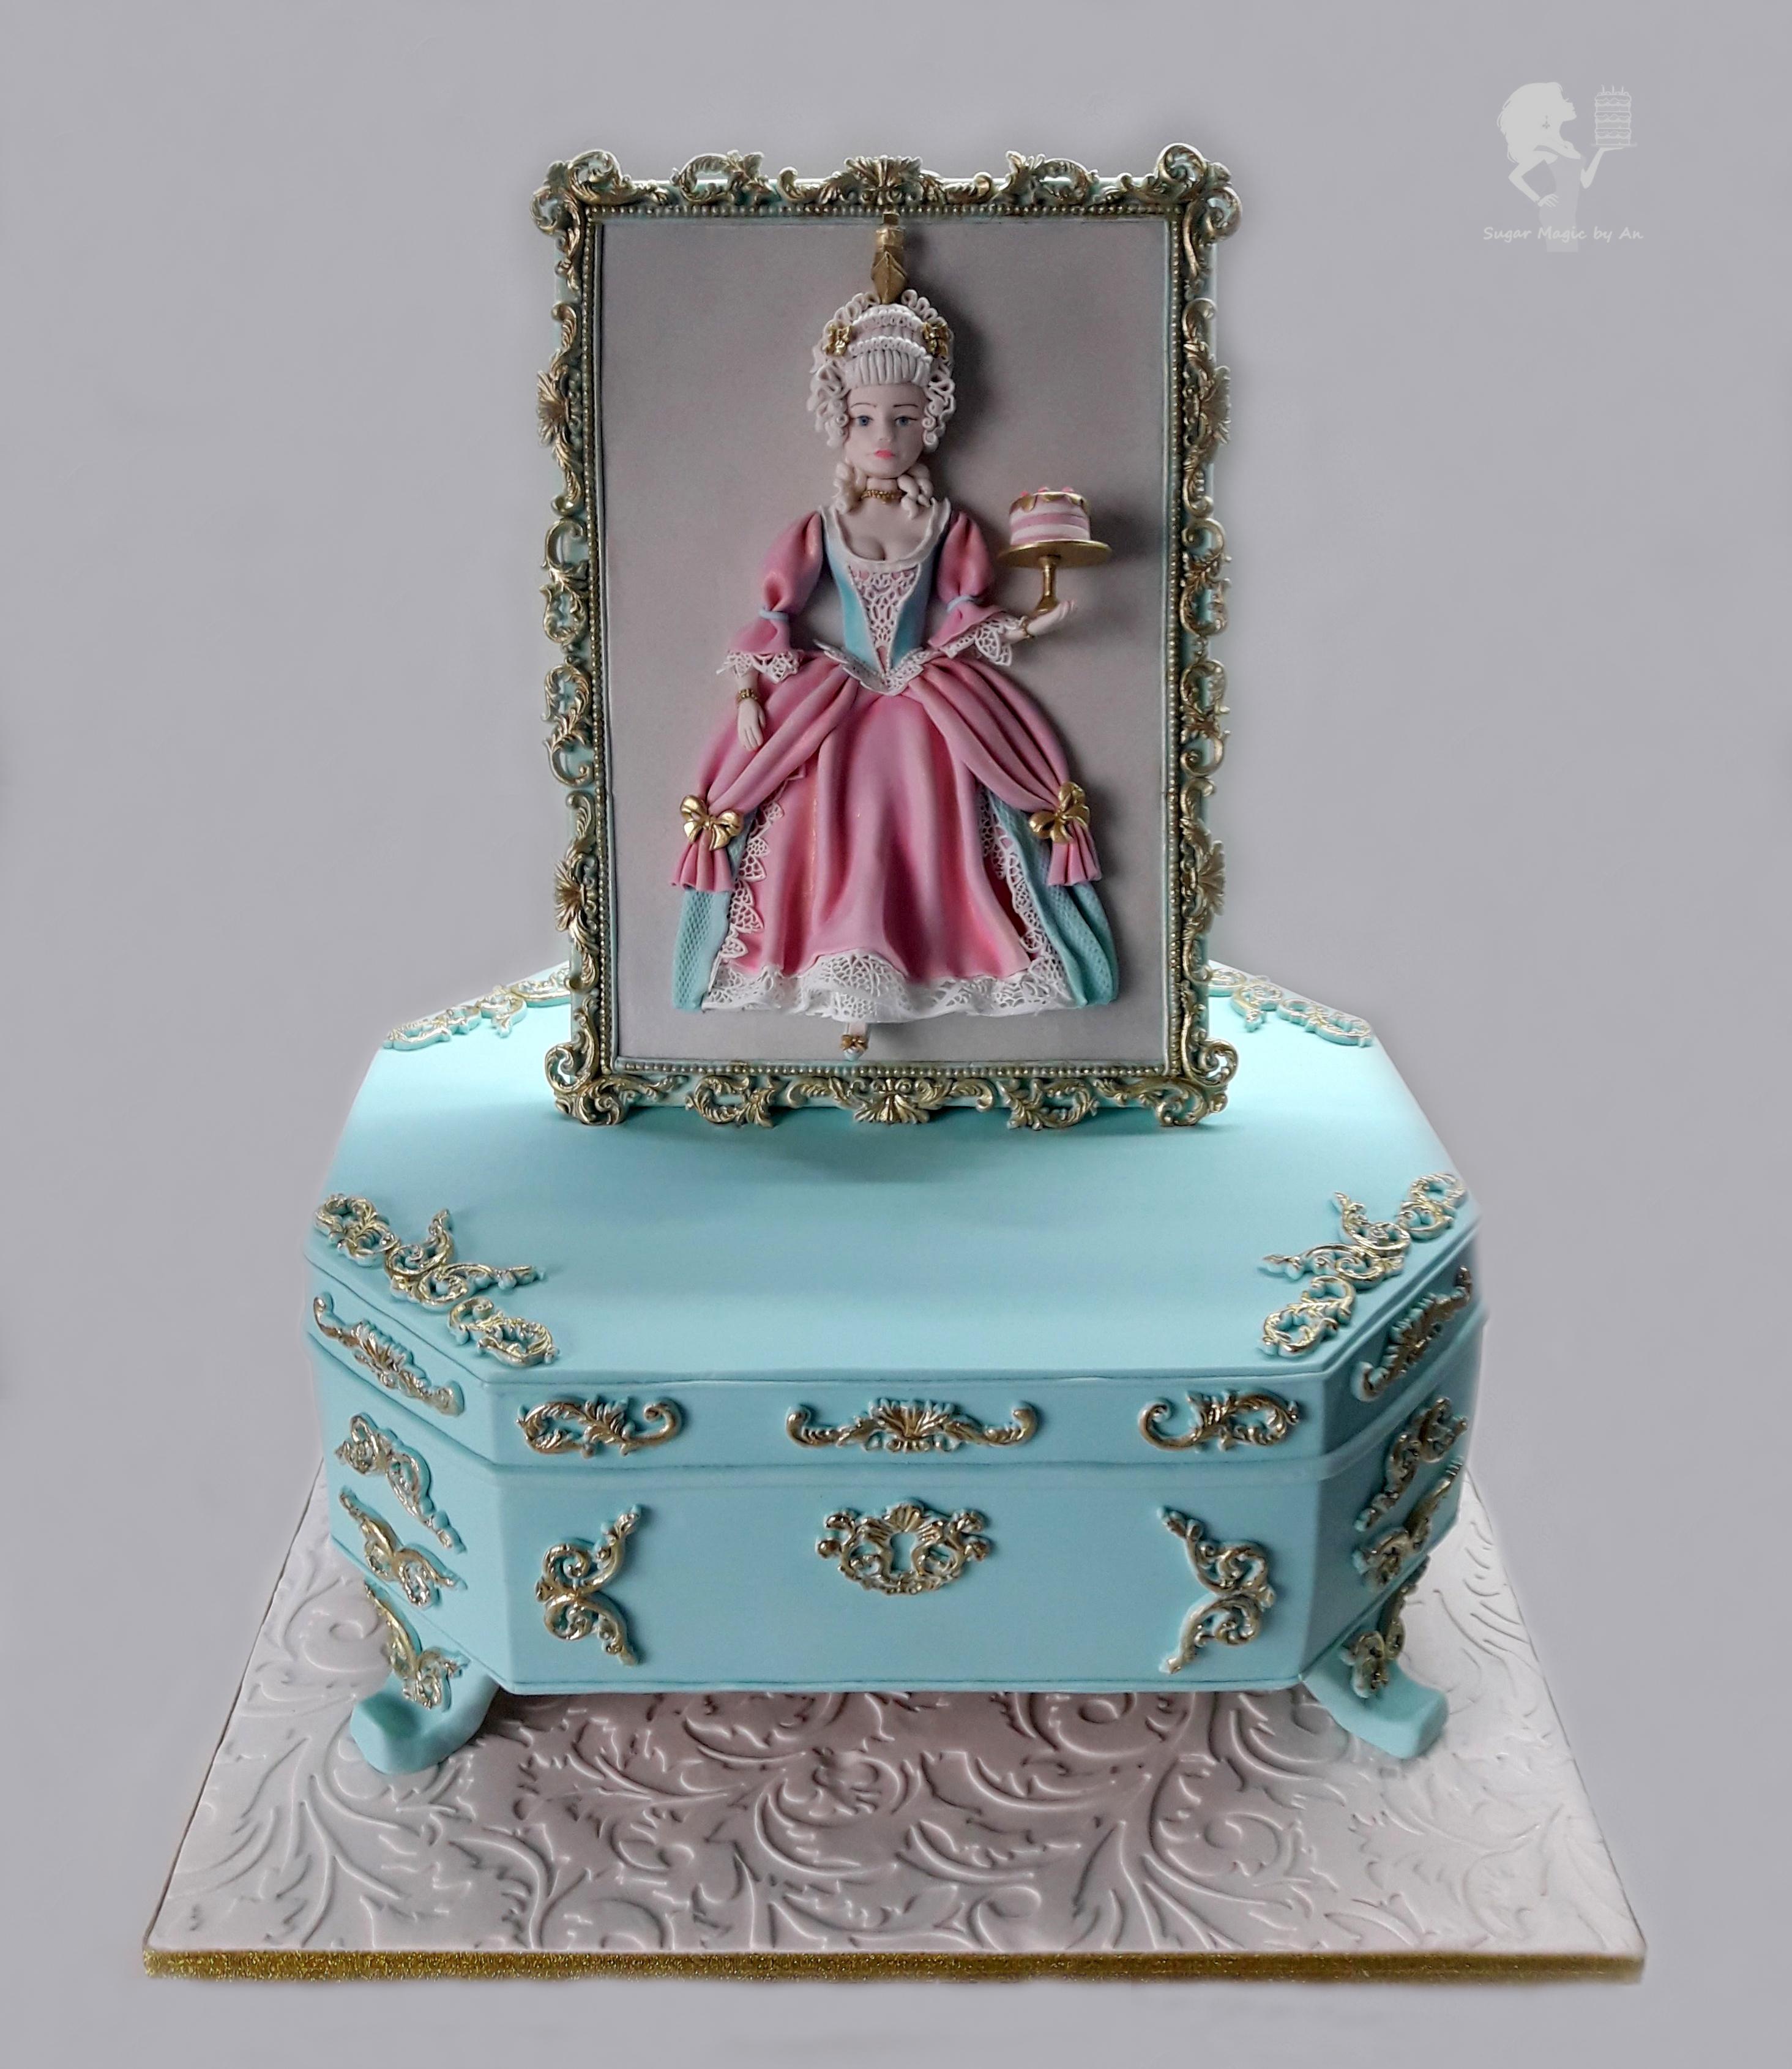 Marie Antoinette fondant birthday cake